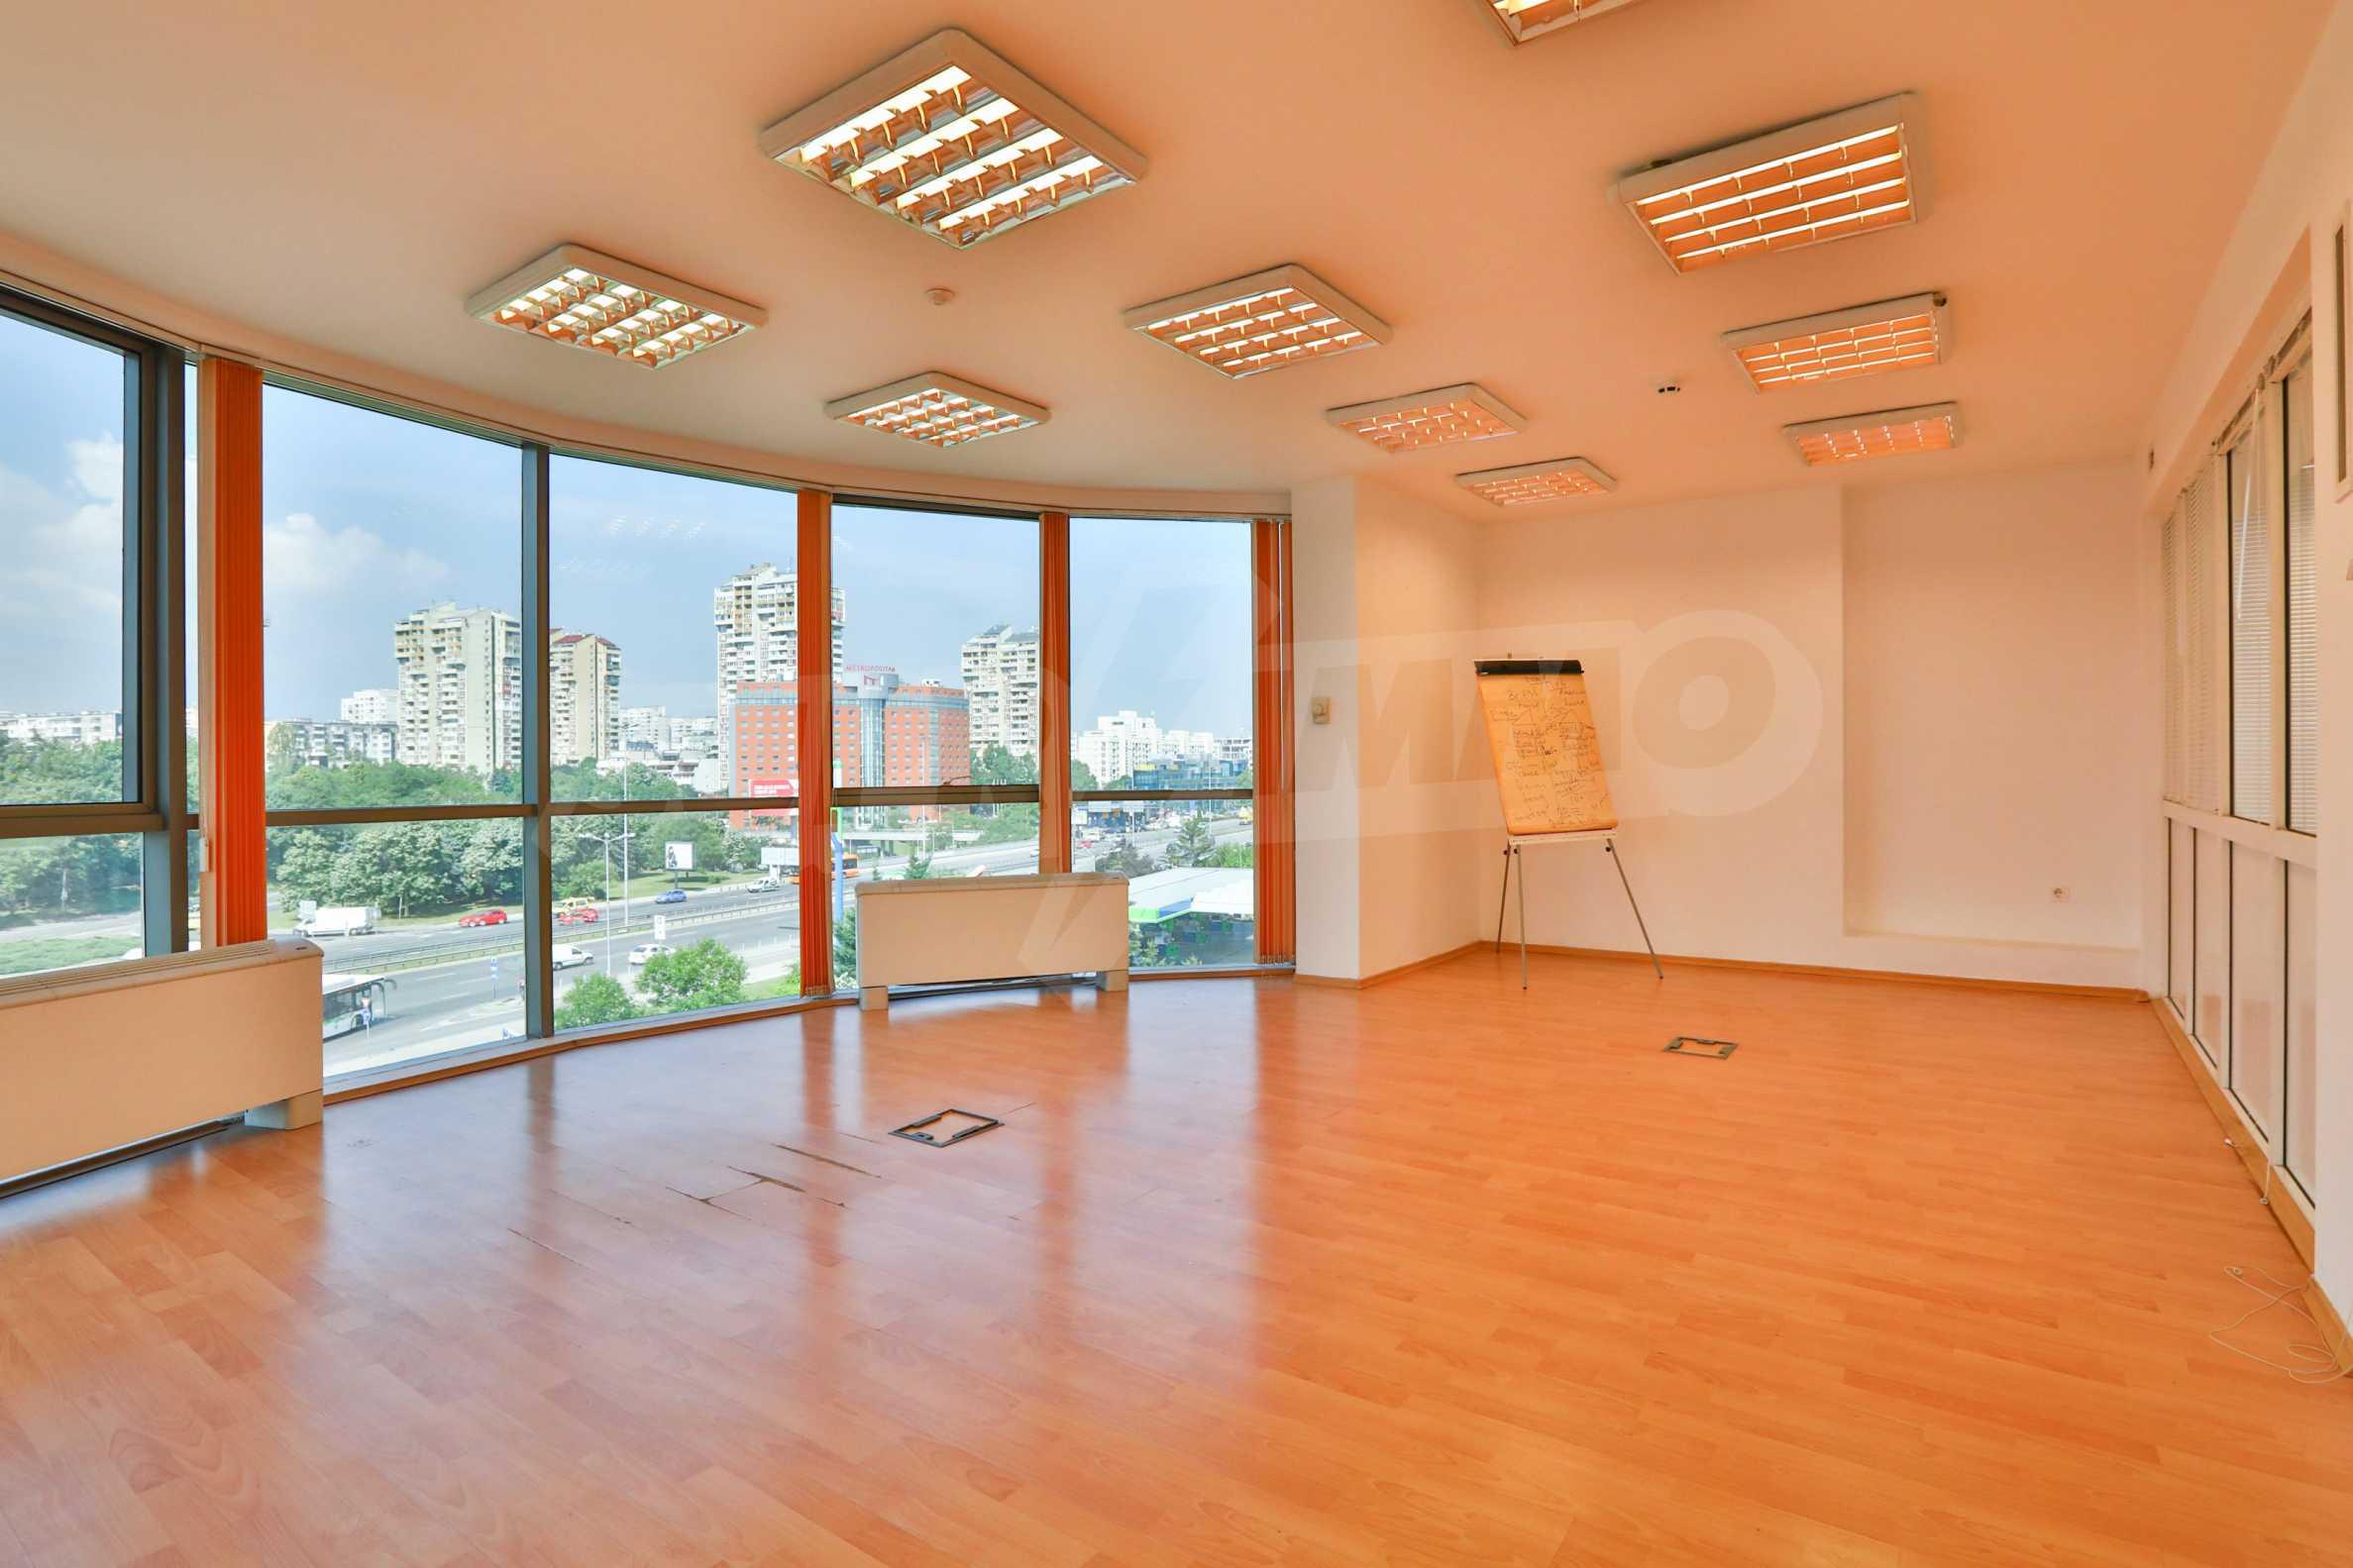 Площи тип open space в офис зоната на бул. Цариградско шосе 12